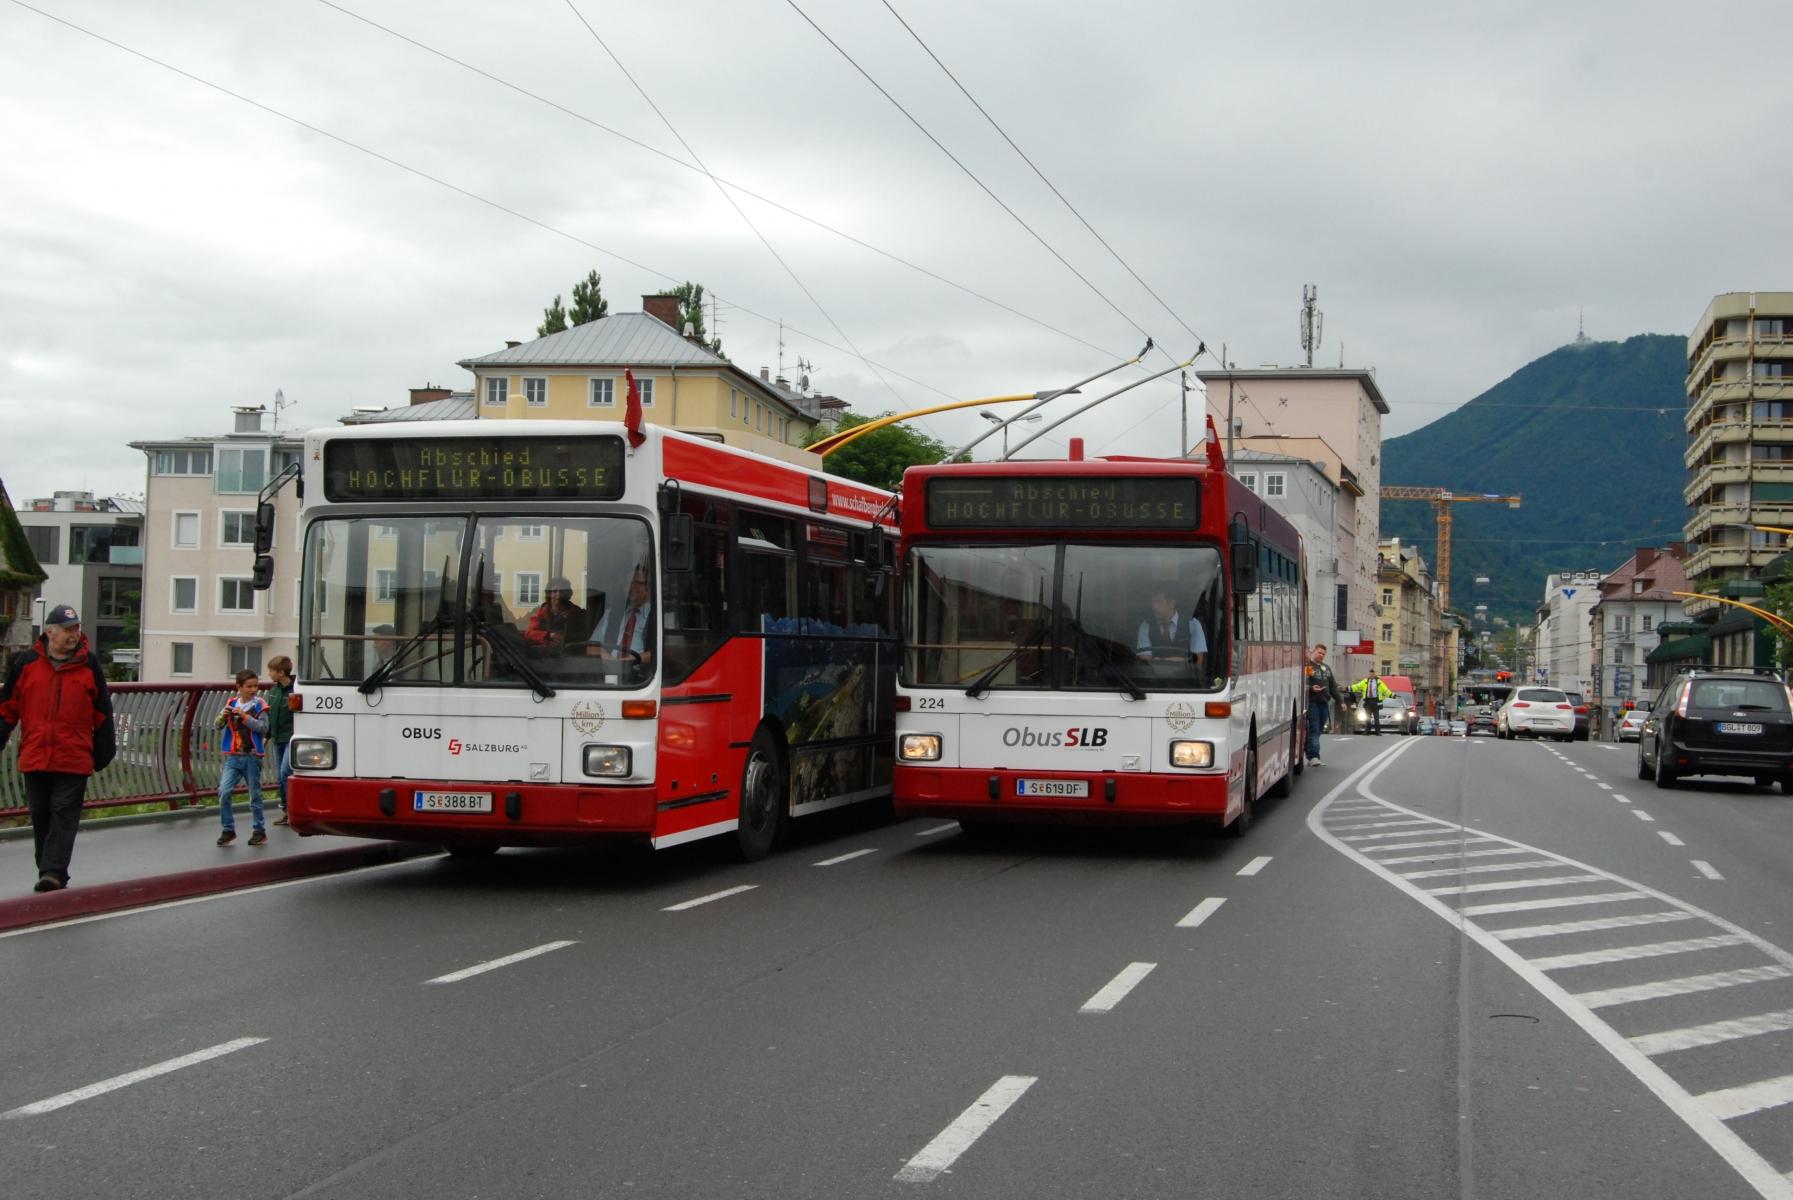 Die Obusse 208 und 224 auf der Lehener Brücke. Foto: Wolfgang Proisl